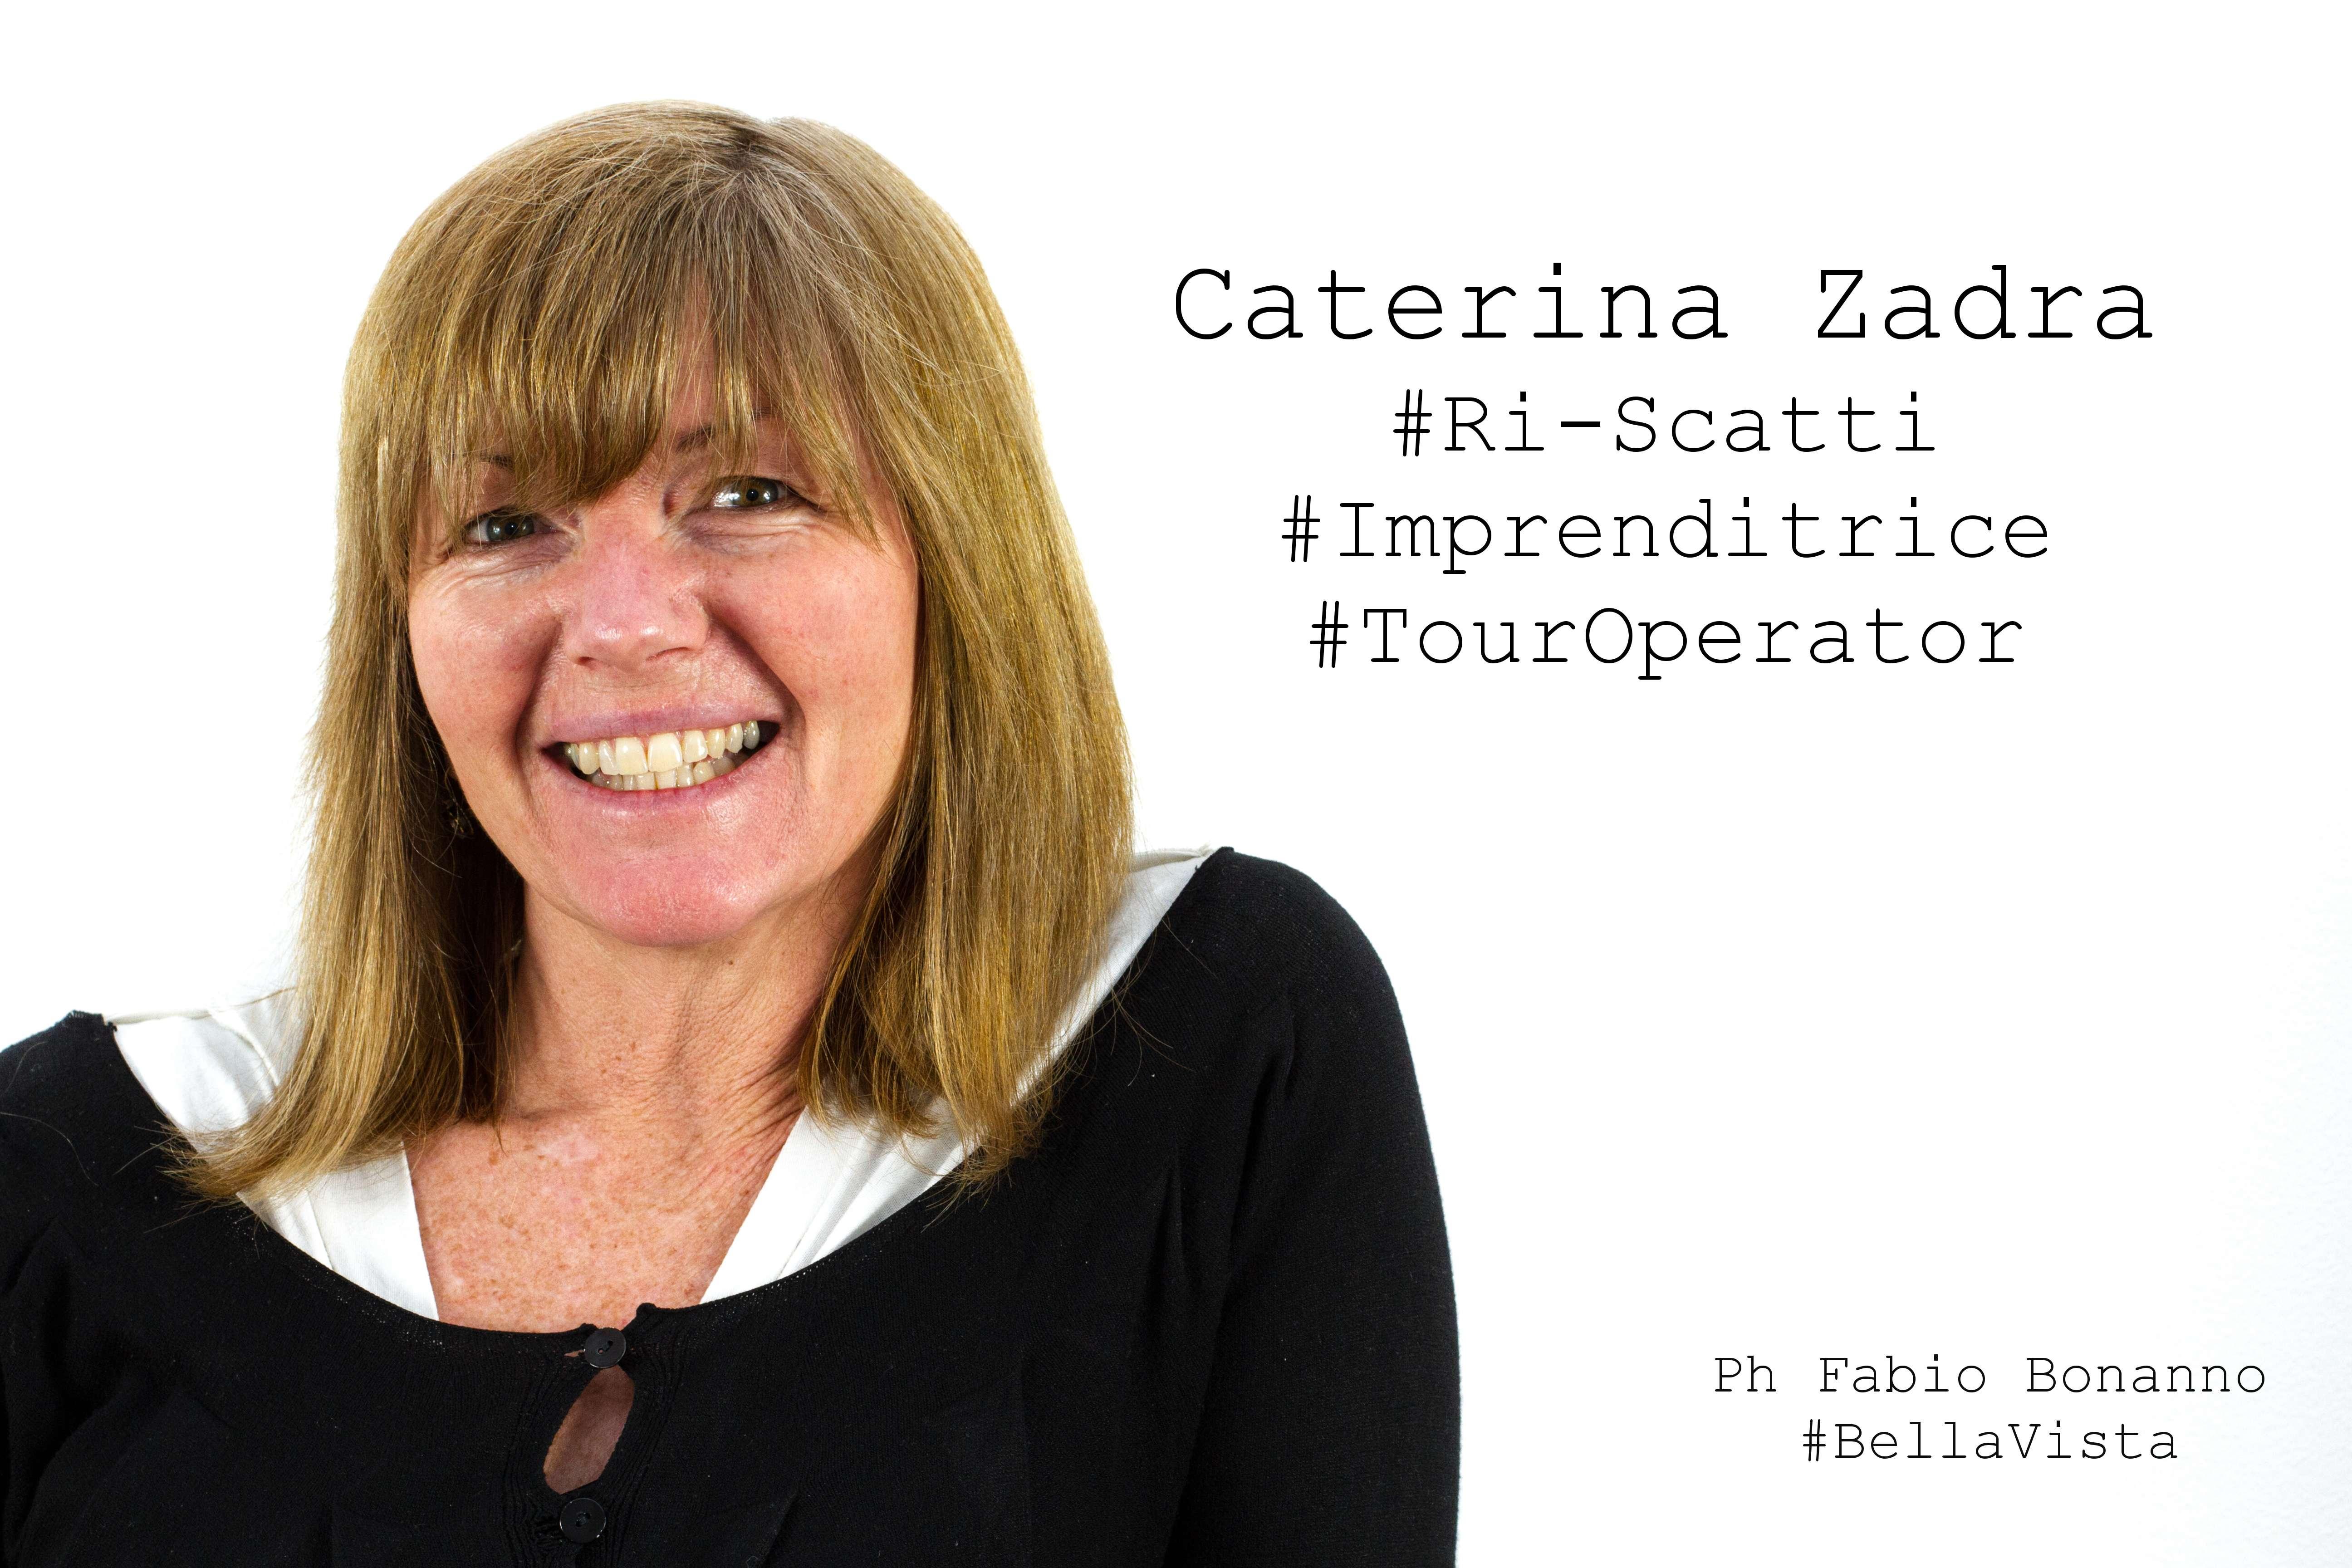 CATERINA ZADRA